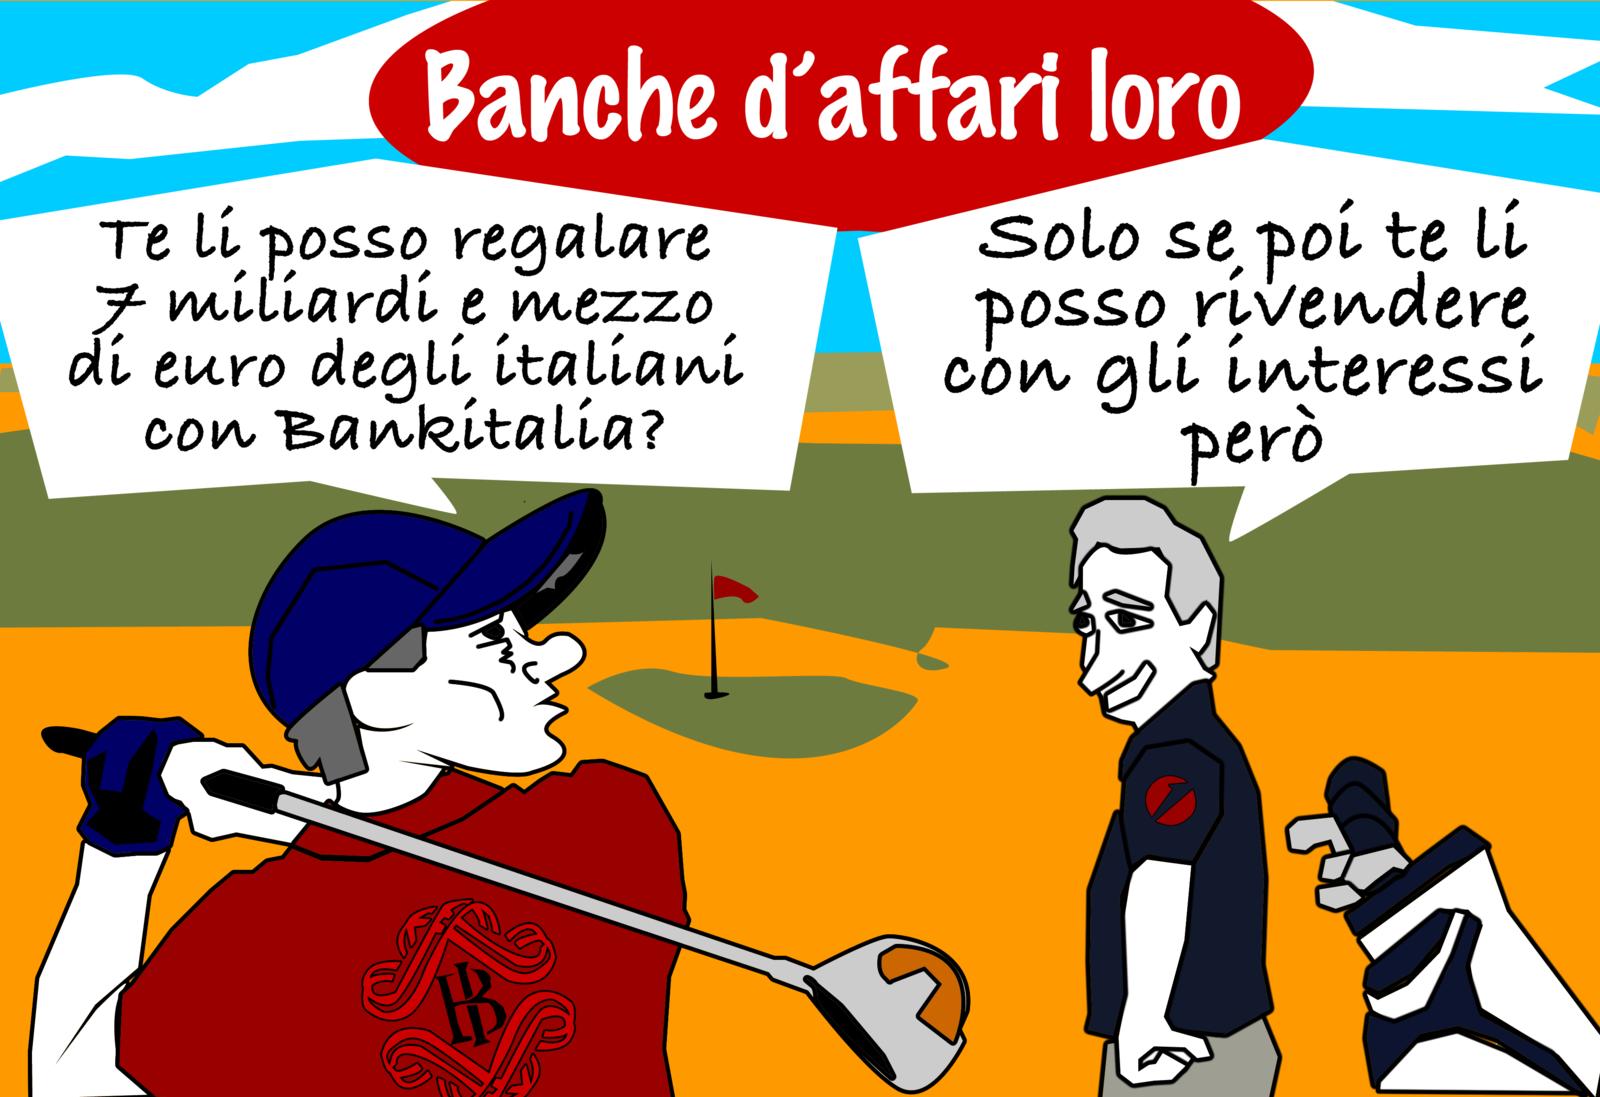 Banksteritalia: Soldi vostri  ma affari nostri